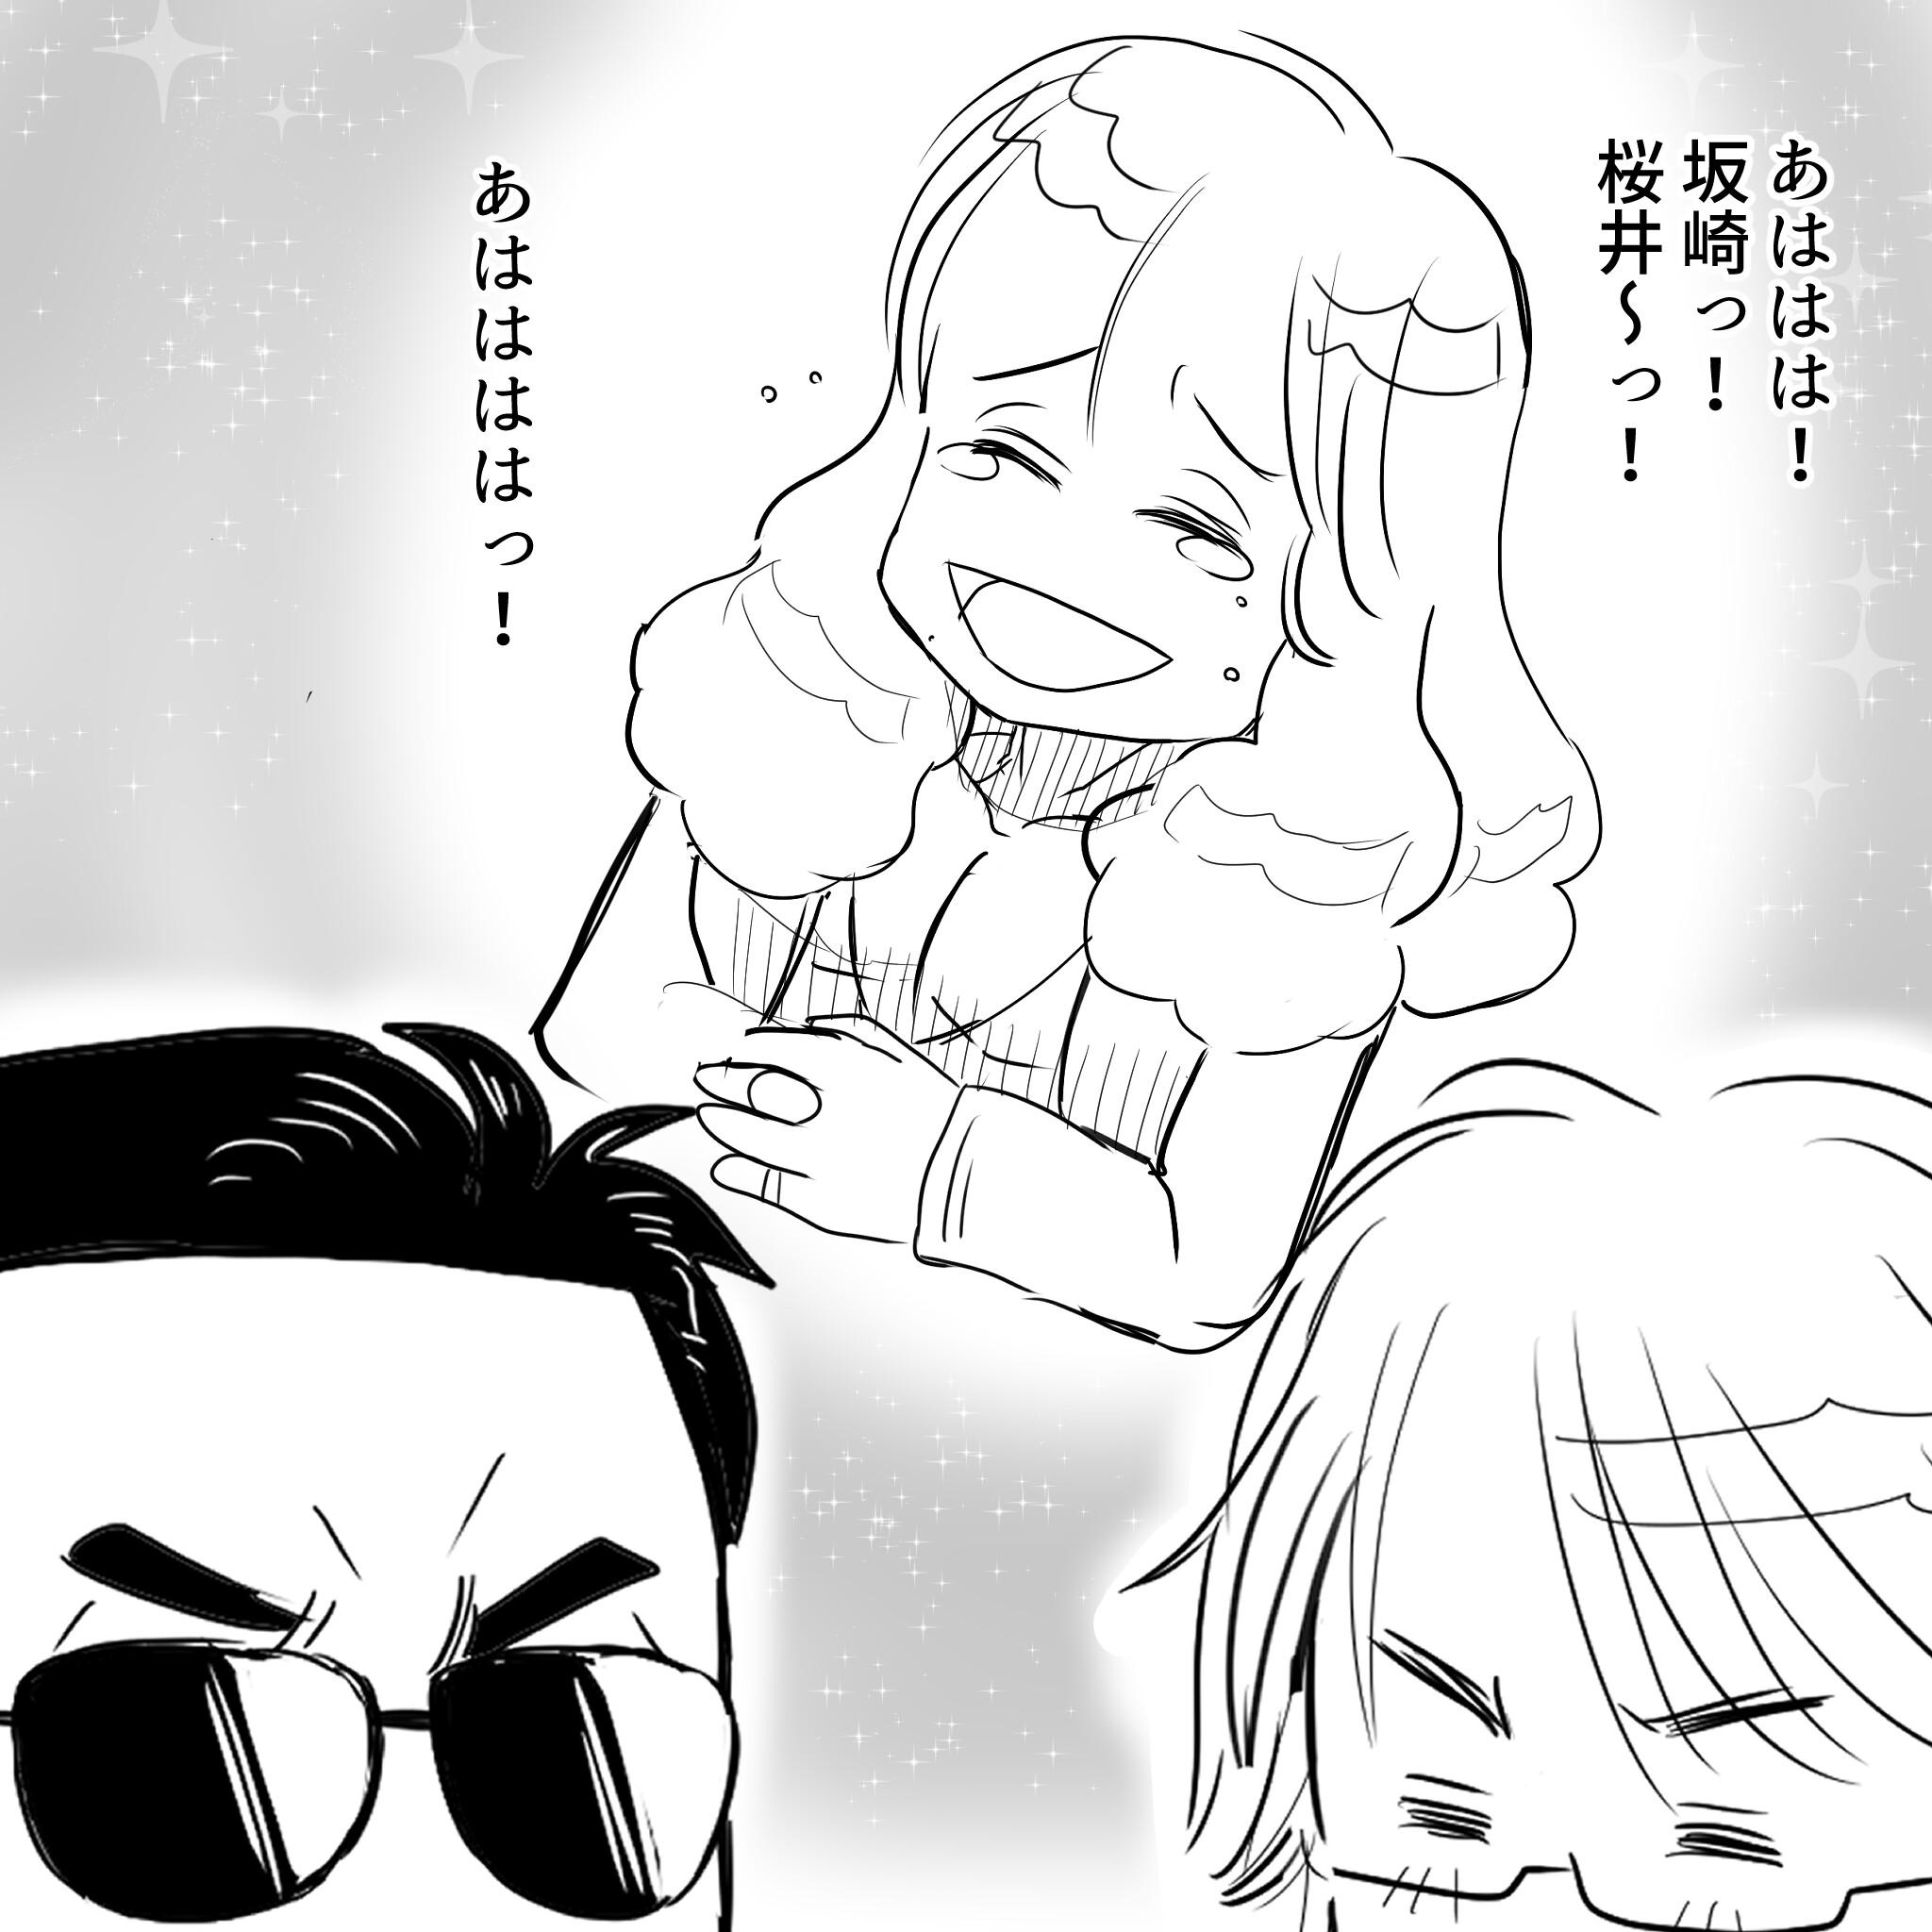 きんかんたまたま坂崎4